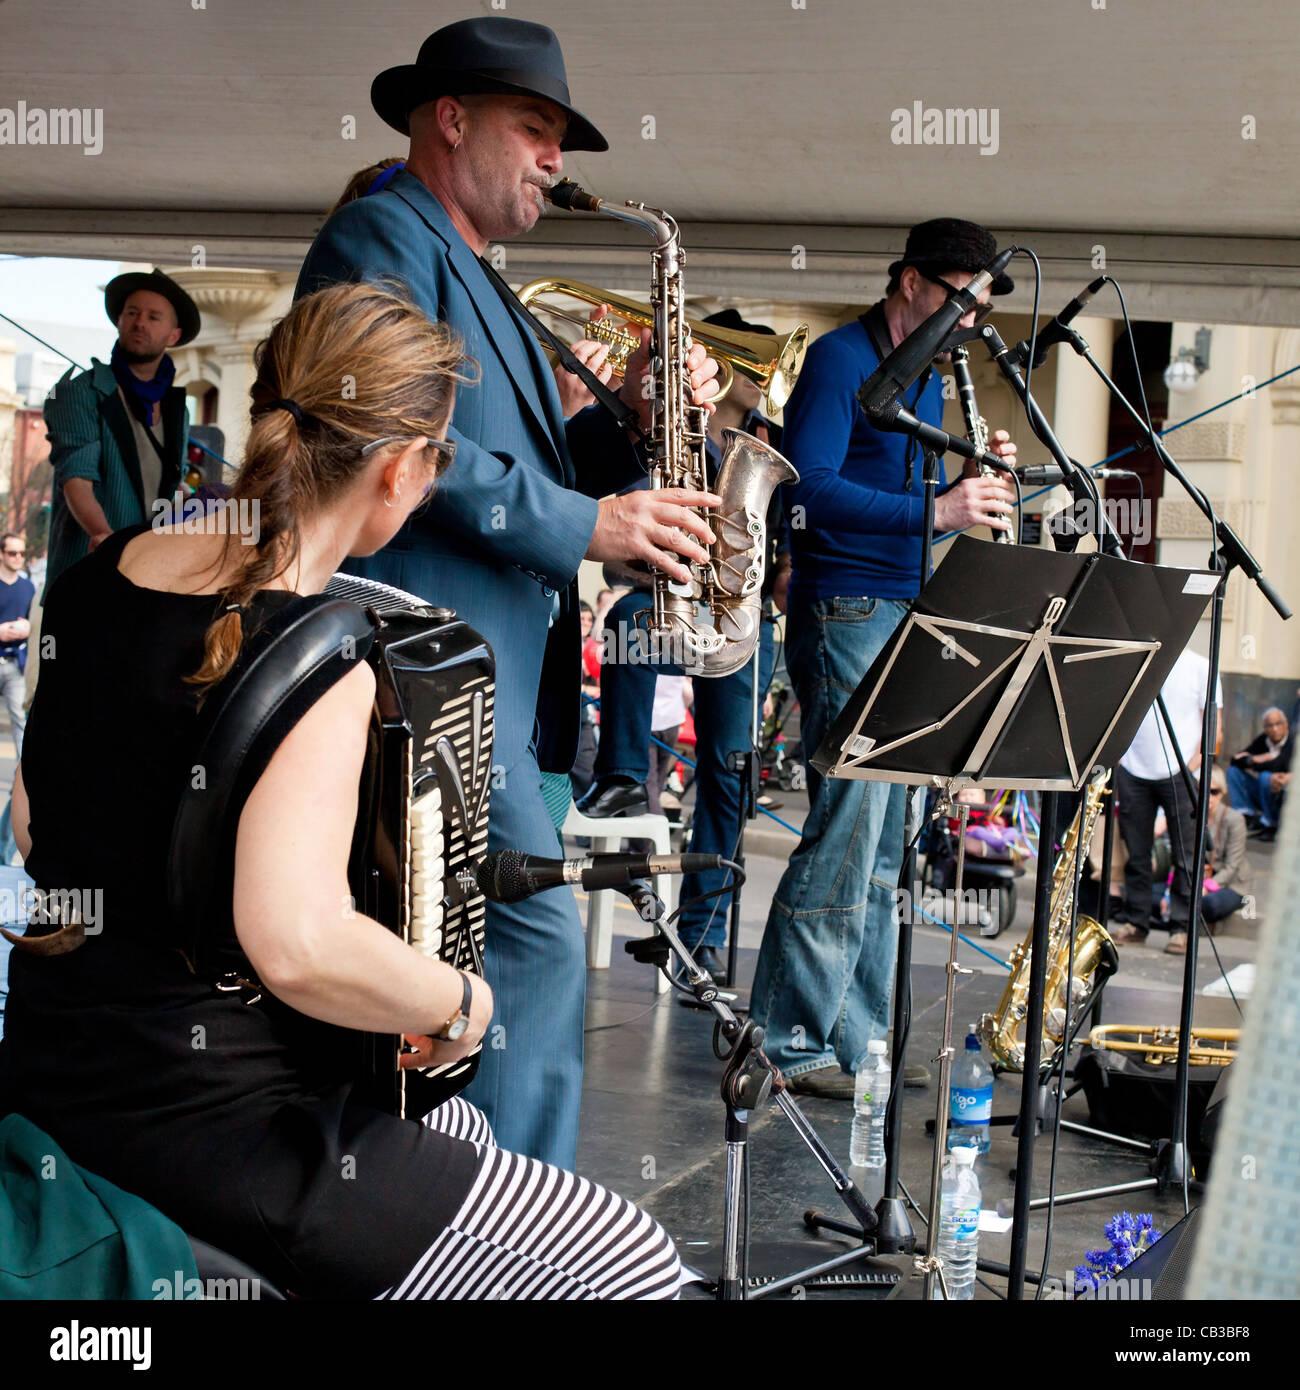 High Noon community festival est un festival de musique local Northcote à Melbourne, Australie groupe jouant sur scène Banque D'Images